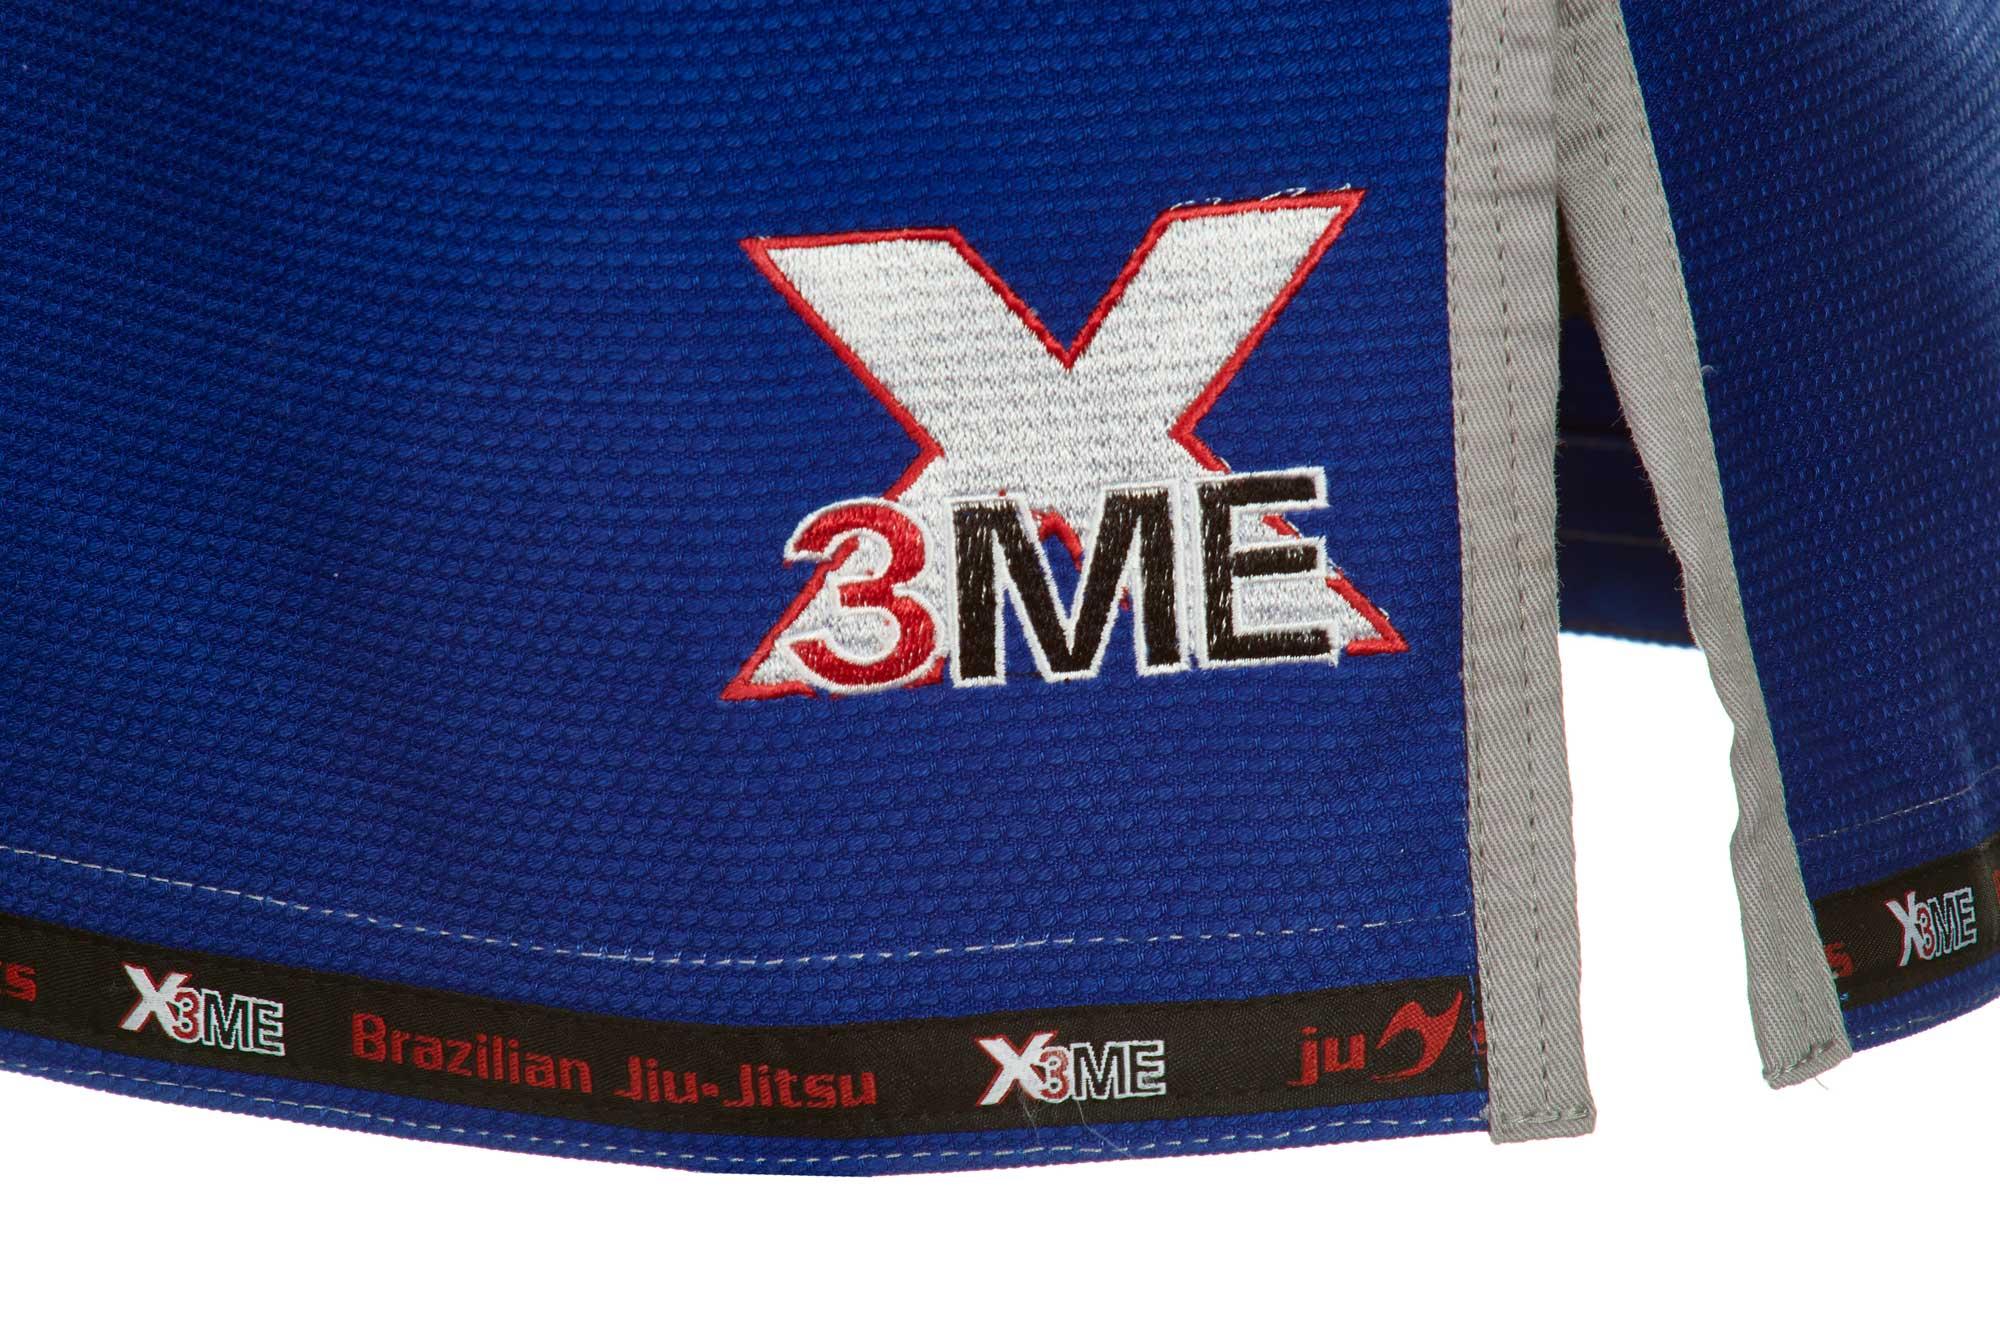 X-treme_Blue_d_7